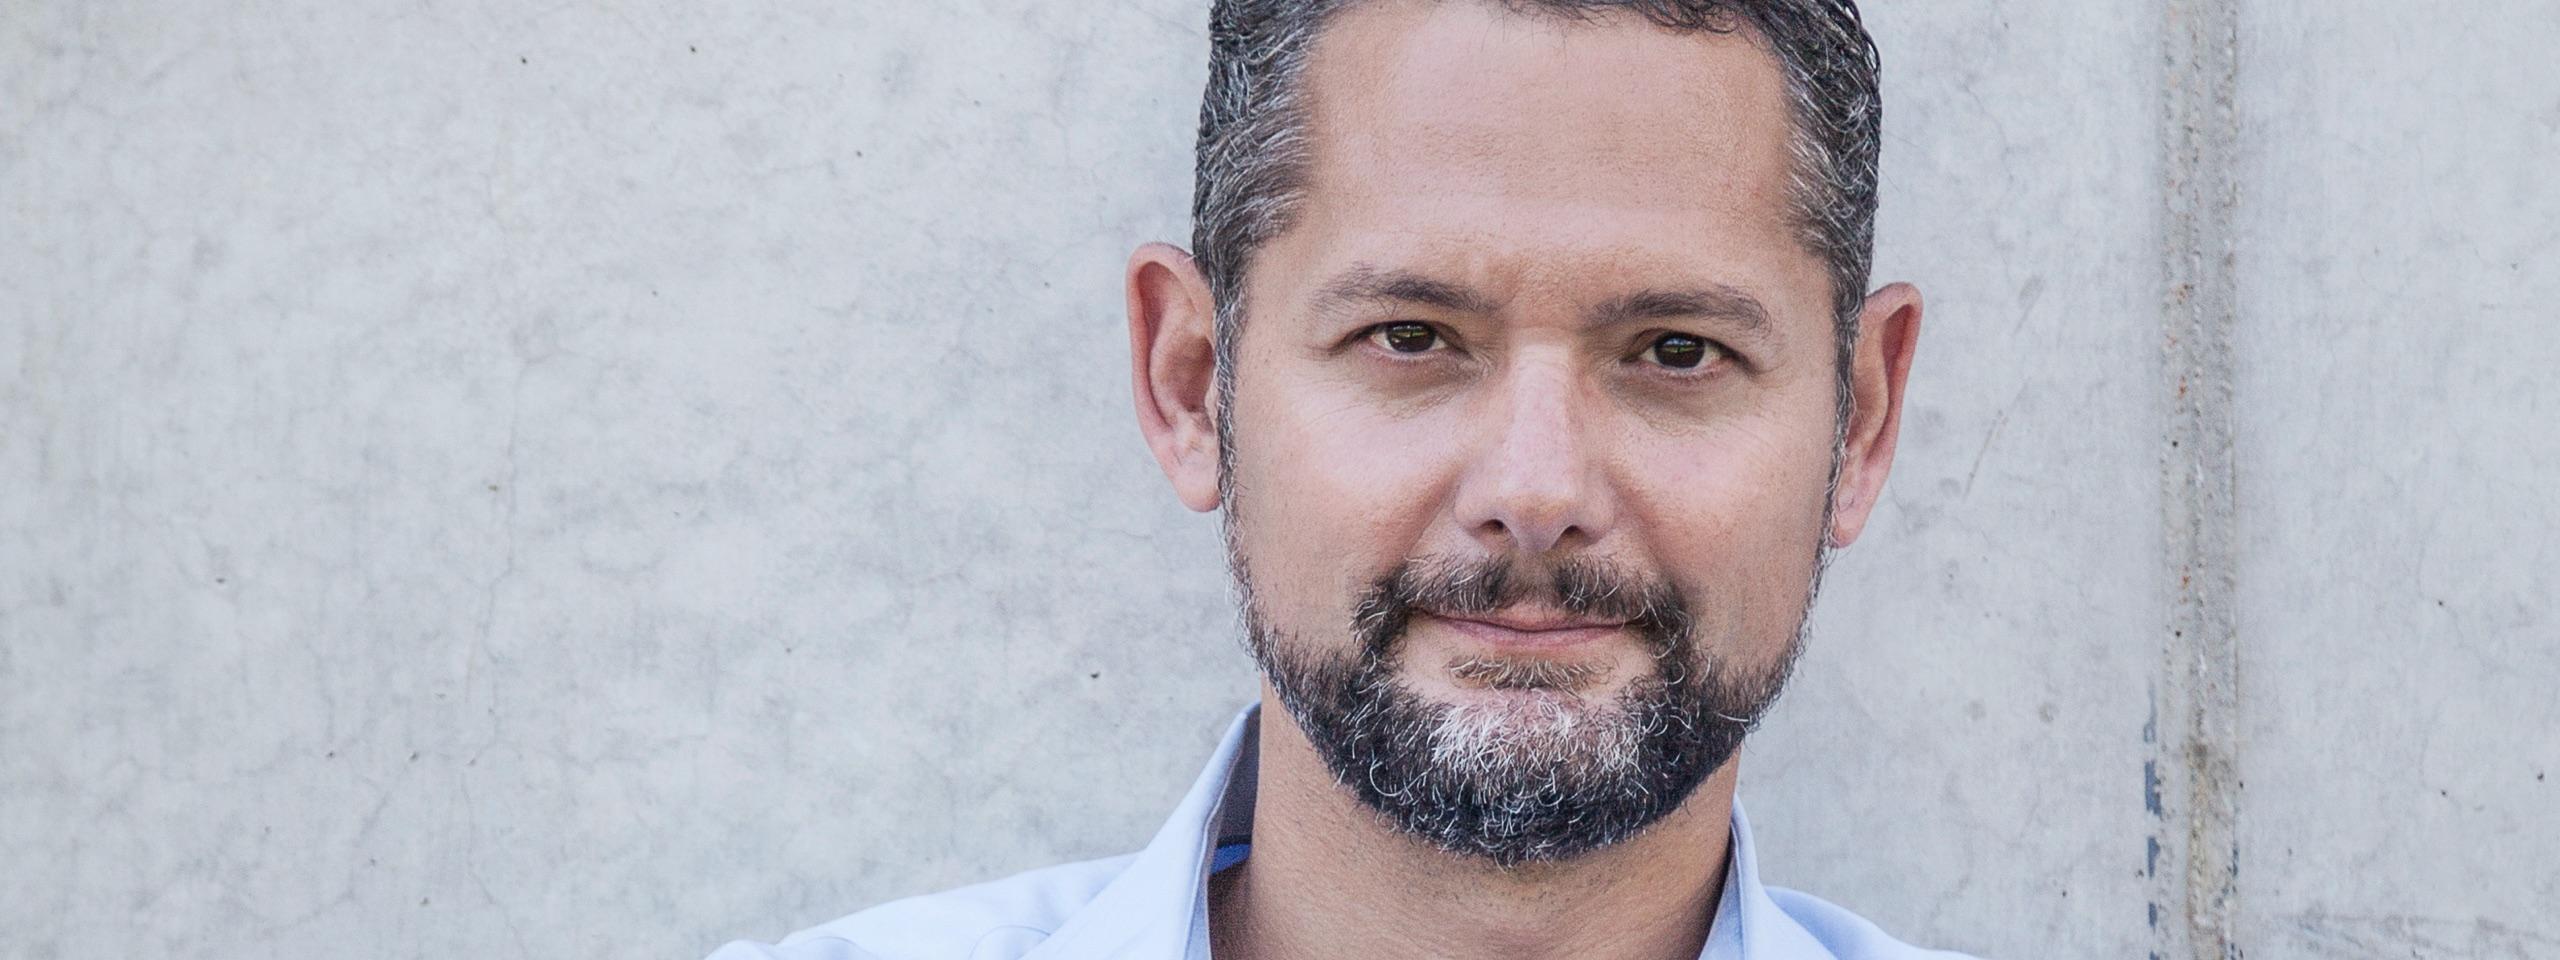 Miguel Quismondo